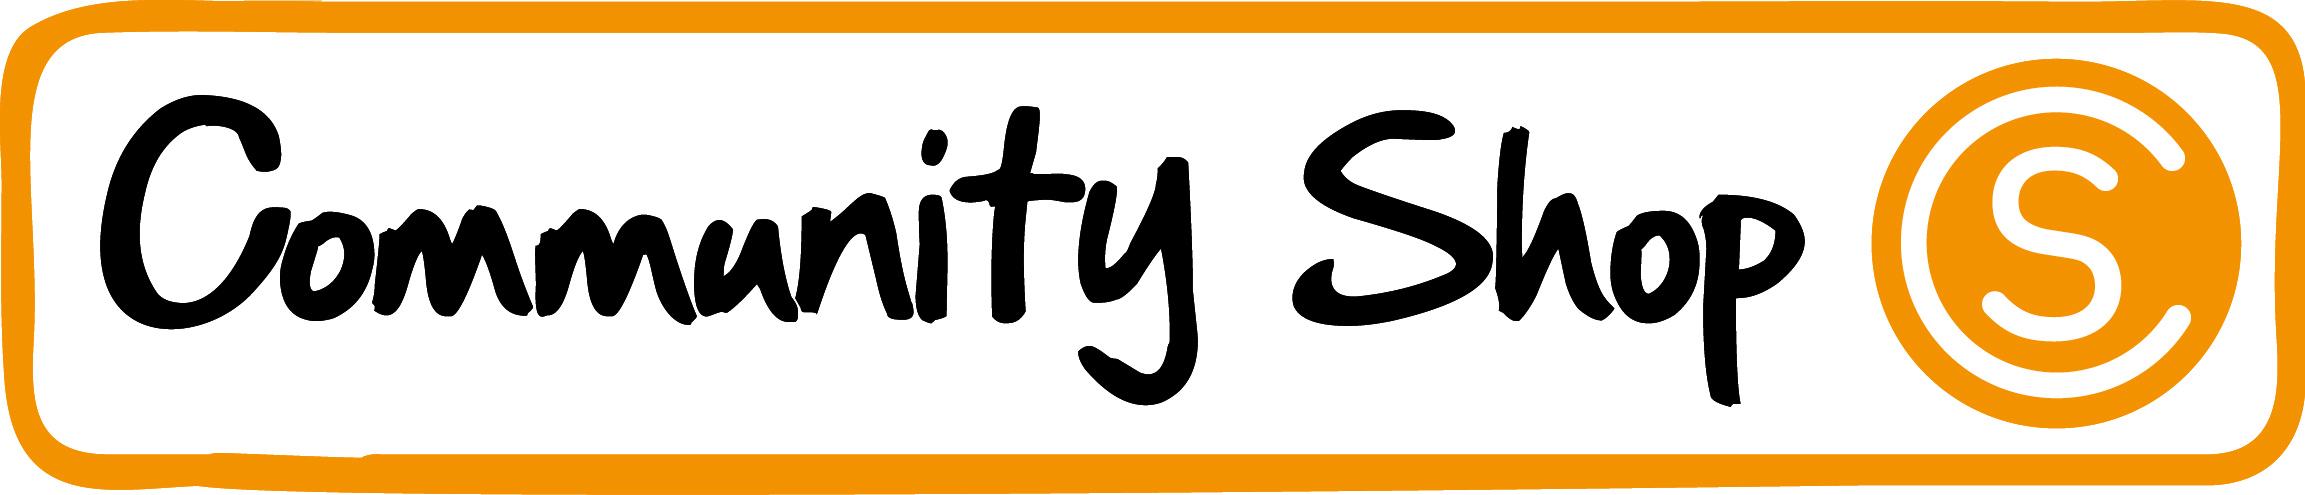 large community shop logo